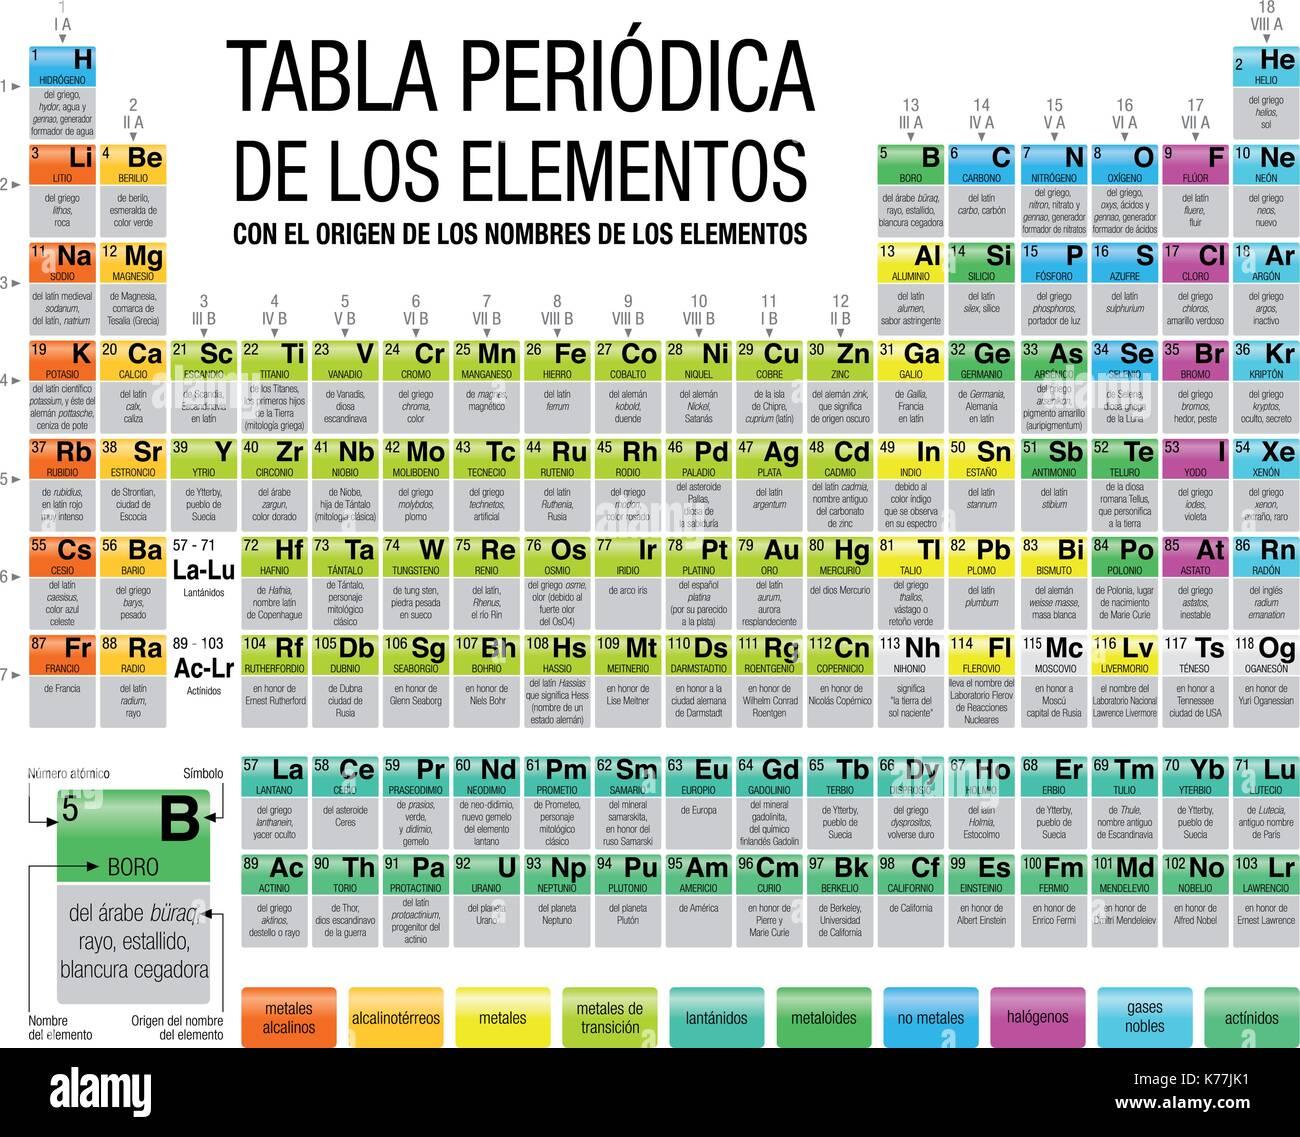 Tabla peridica de los elementos con el origen de los nombres de tabla peridica de los elementos con el origen de los nombres de los elementos periodic table of elements with the origin of the names of the element urtaz Image collections